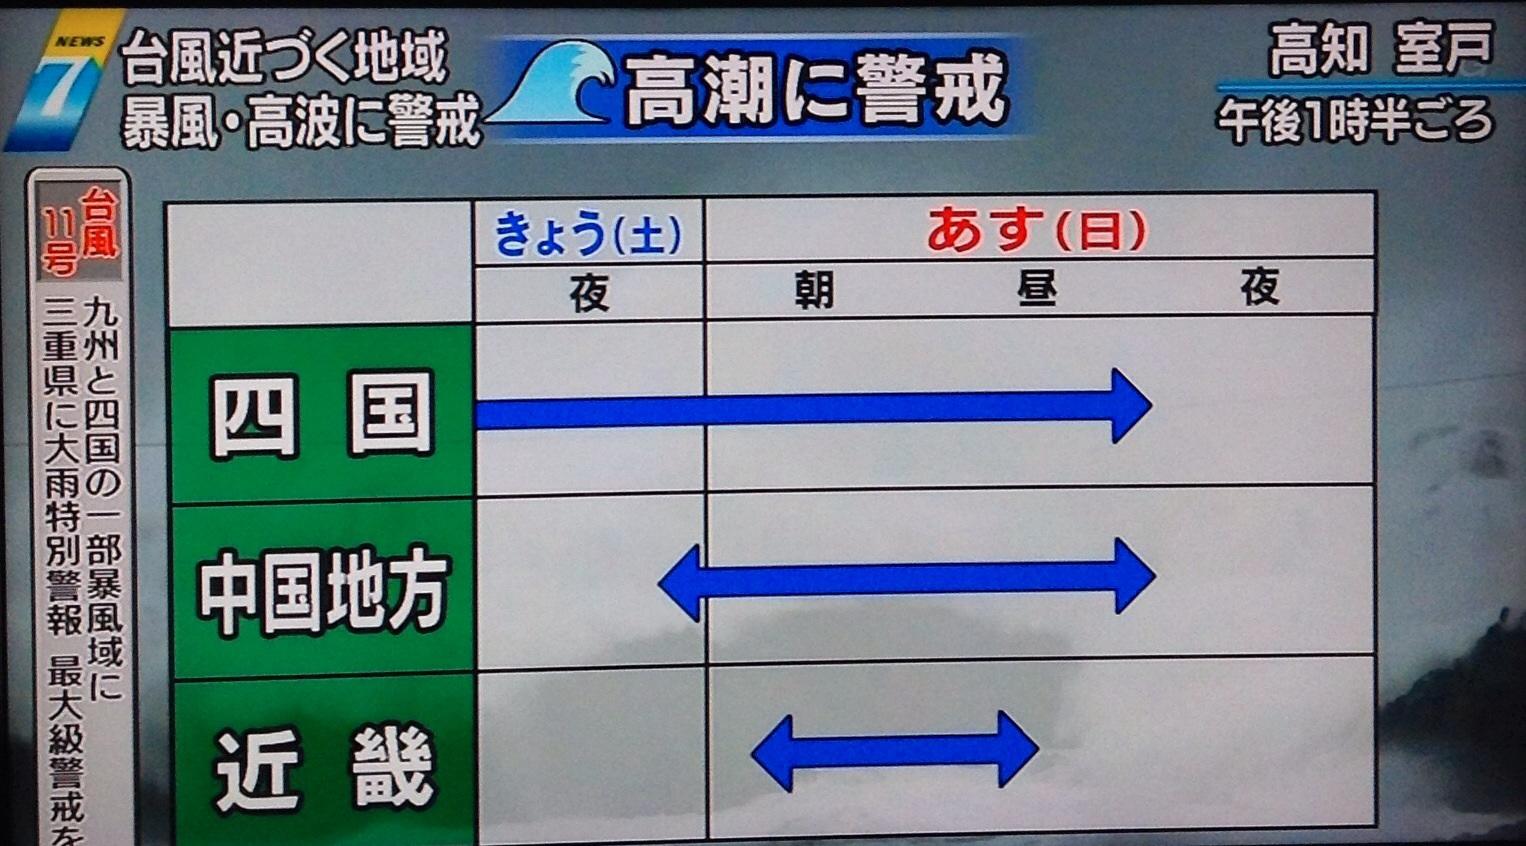 b0301400_20103742.jpg